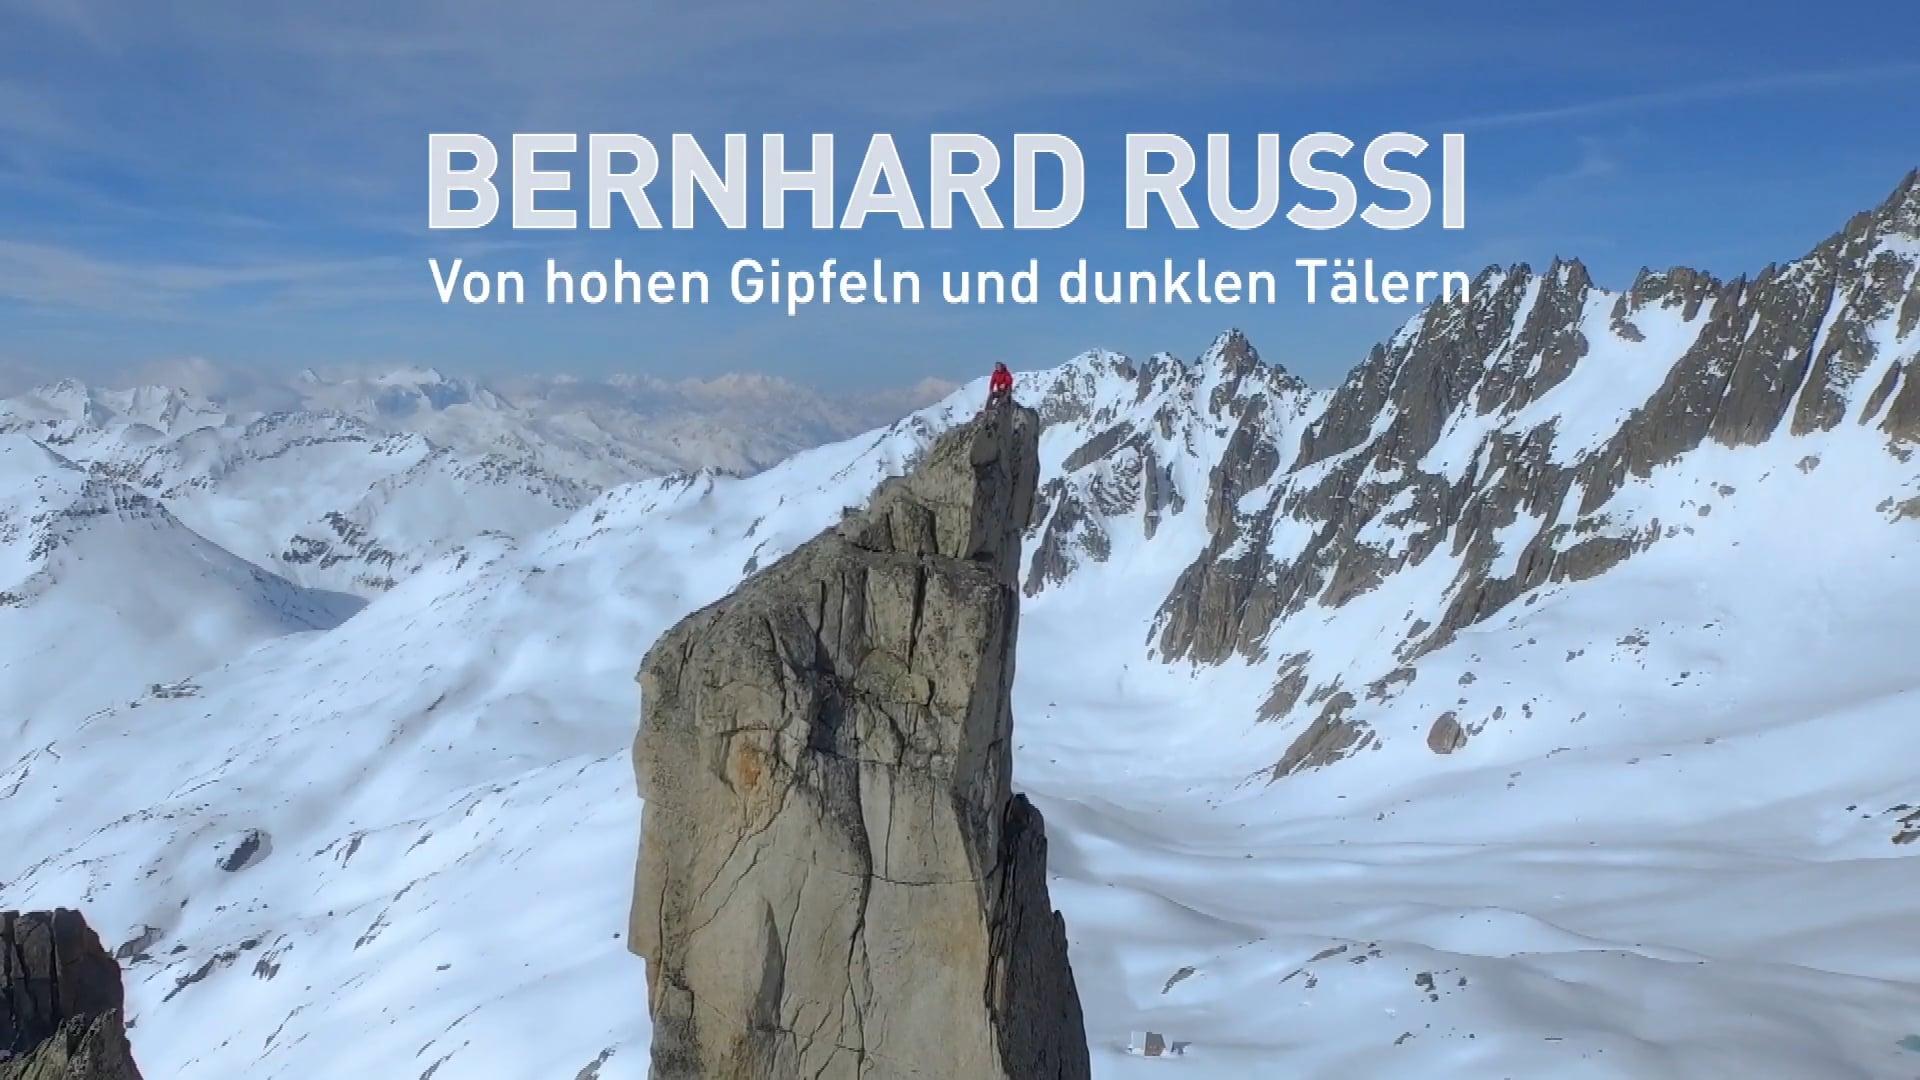 Bernhard Russi. Von hohen Gipfeln und dunklen Tälern